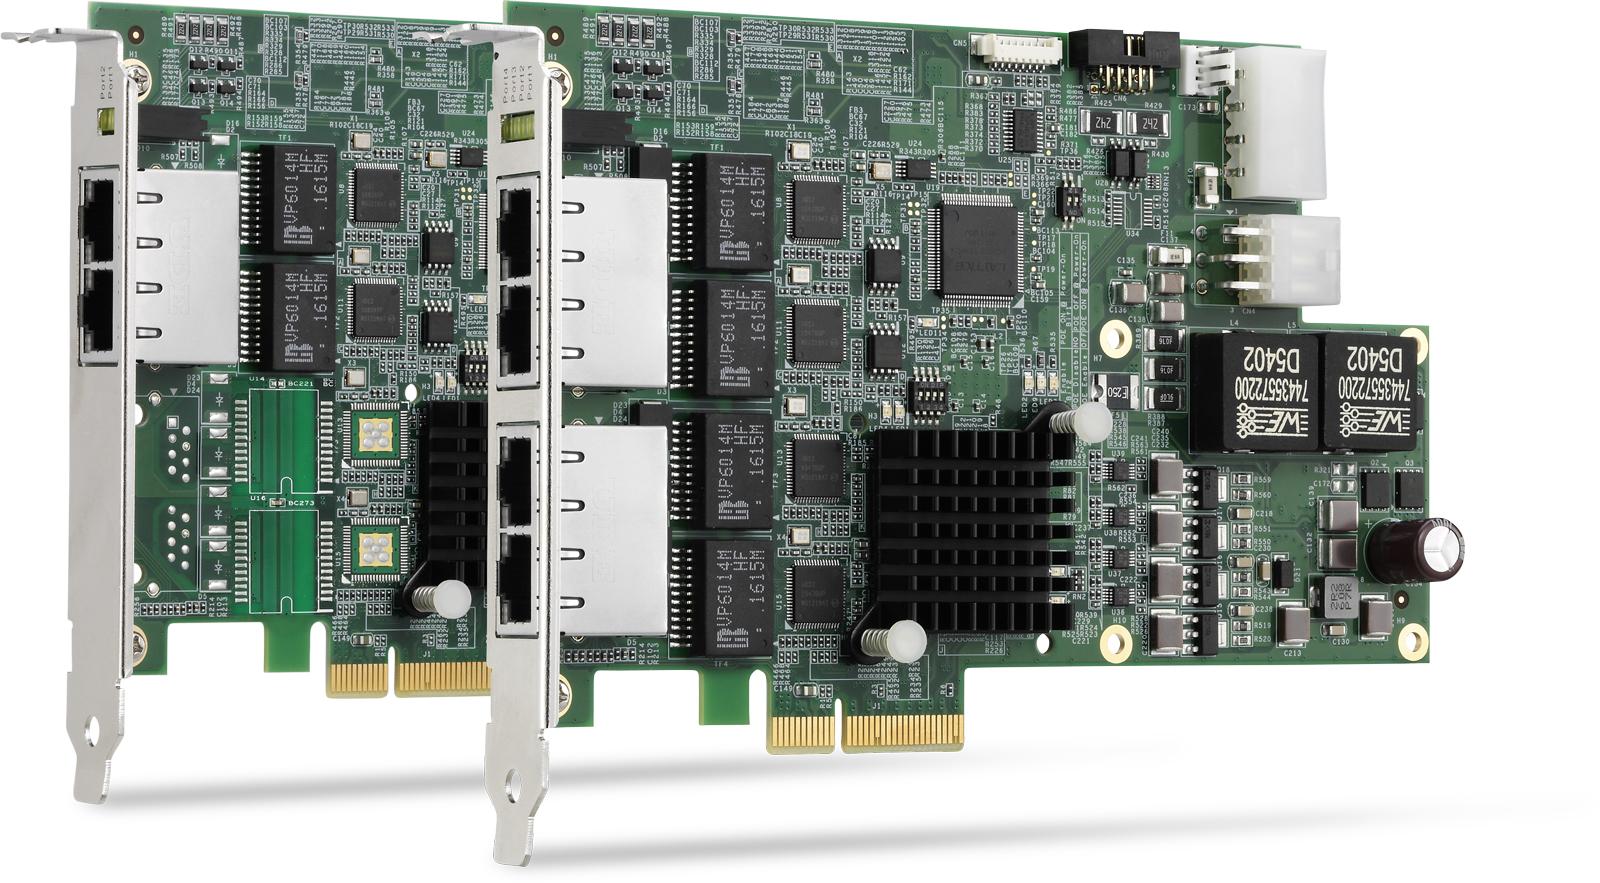 凌华科技发布PCIe-GIE72/74 GigE Vision PoE+图像采集卡